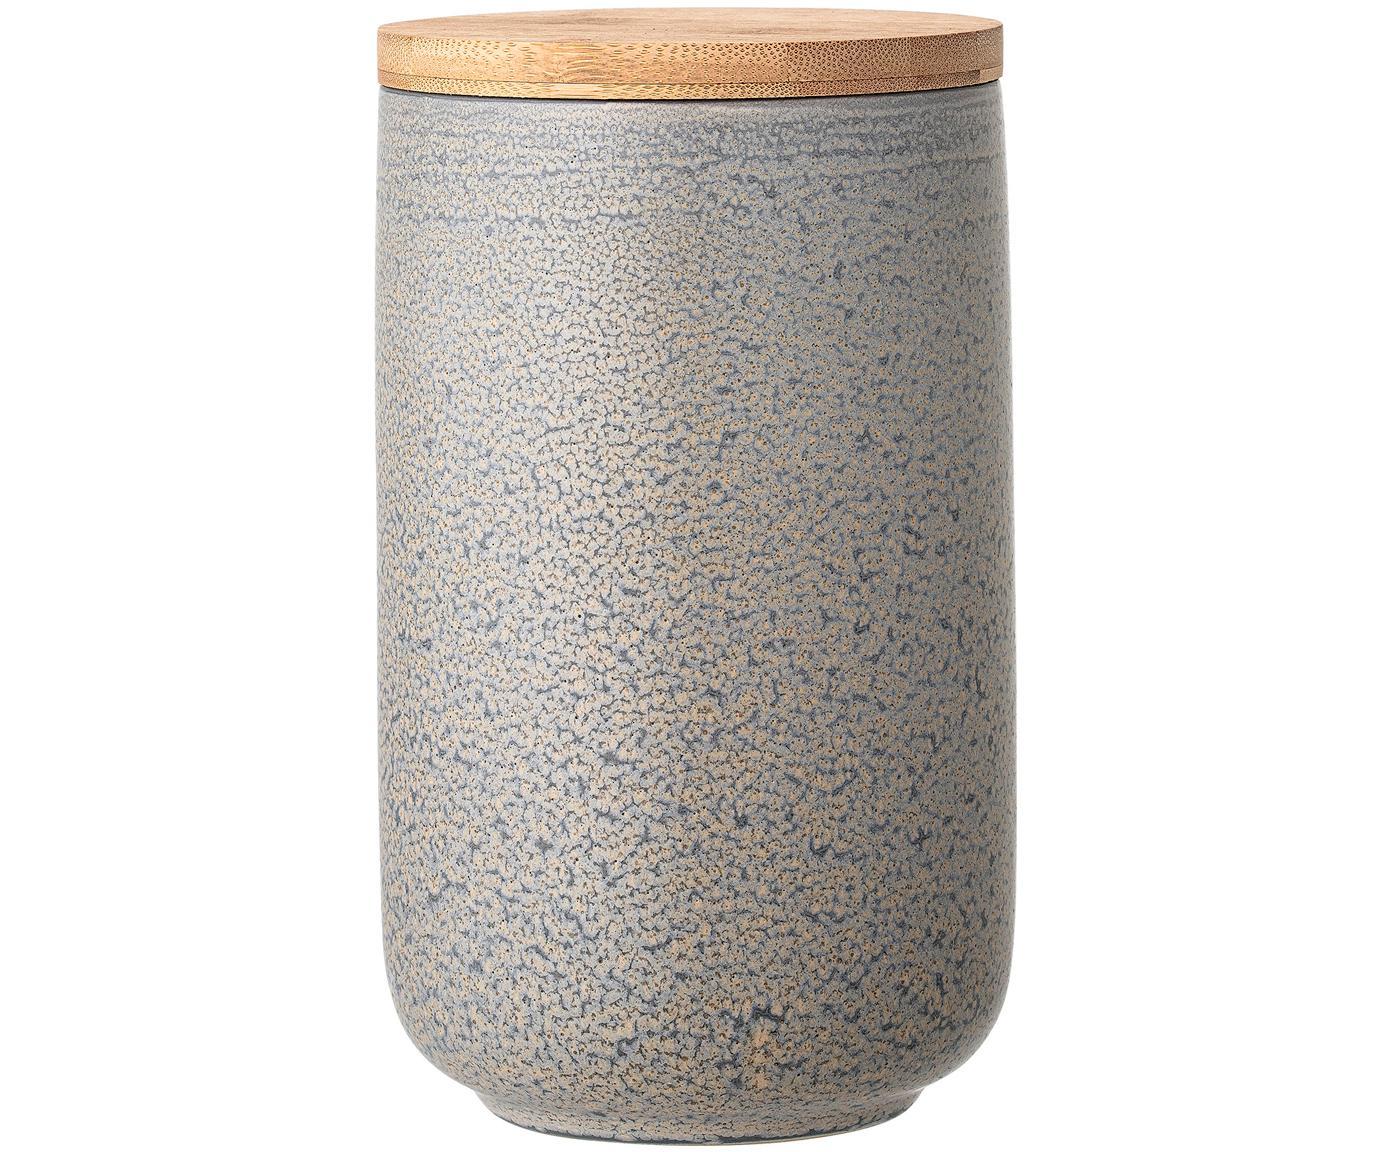 Handgefertigte Aufbewahrungsdose Kendra, Deckel: Bambus, Silikon, Grau, Beigetöne, Ø 12 x H 21 cm